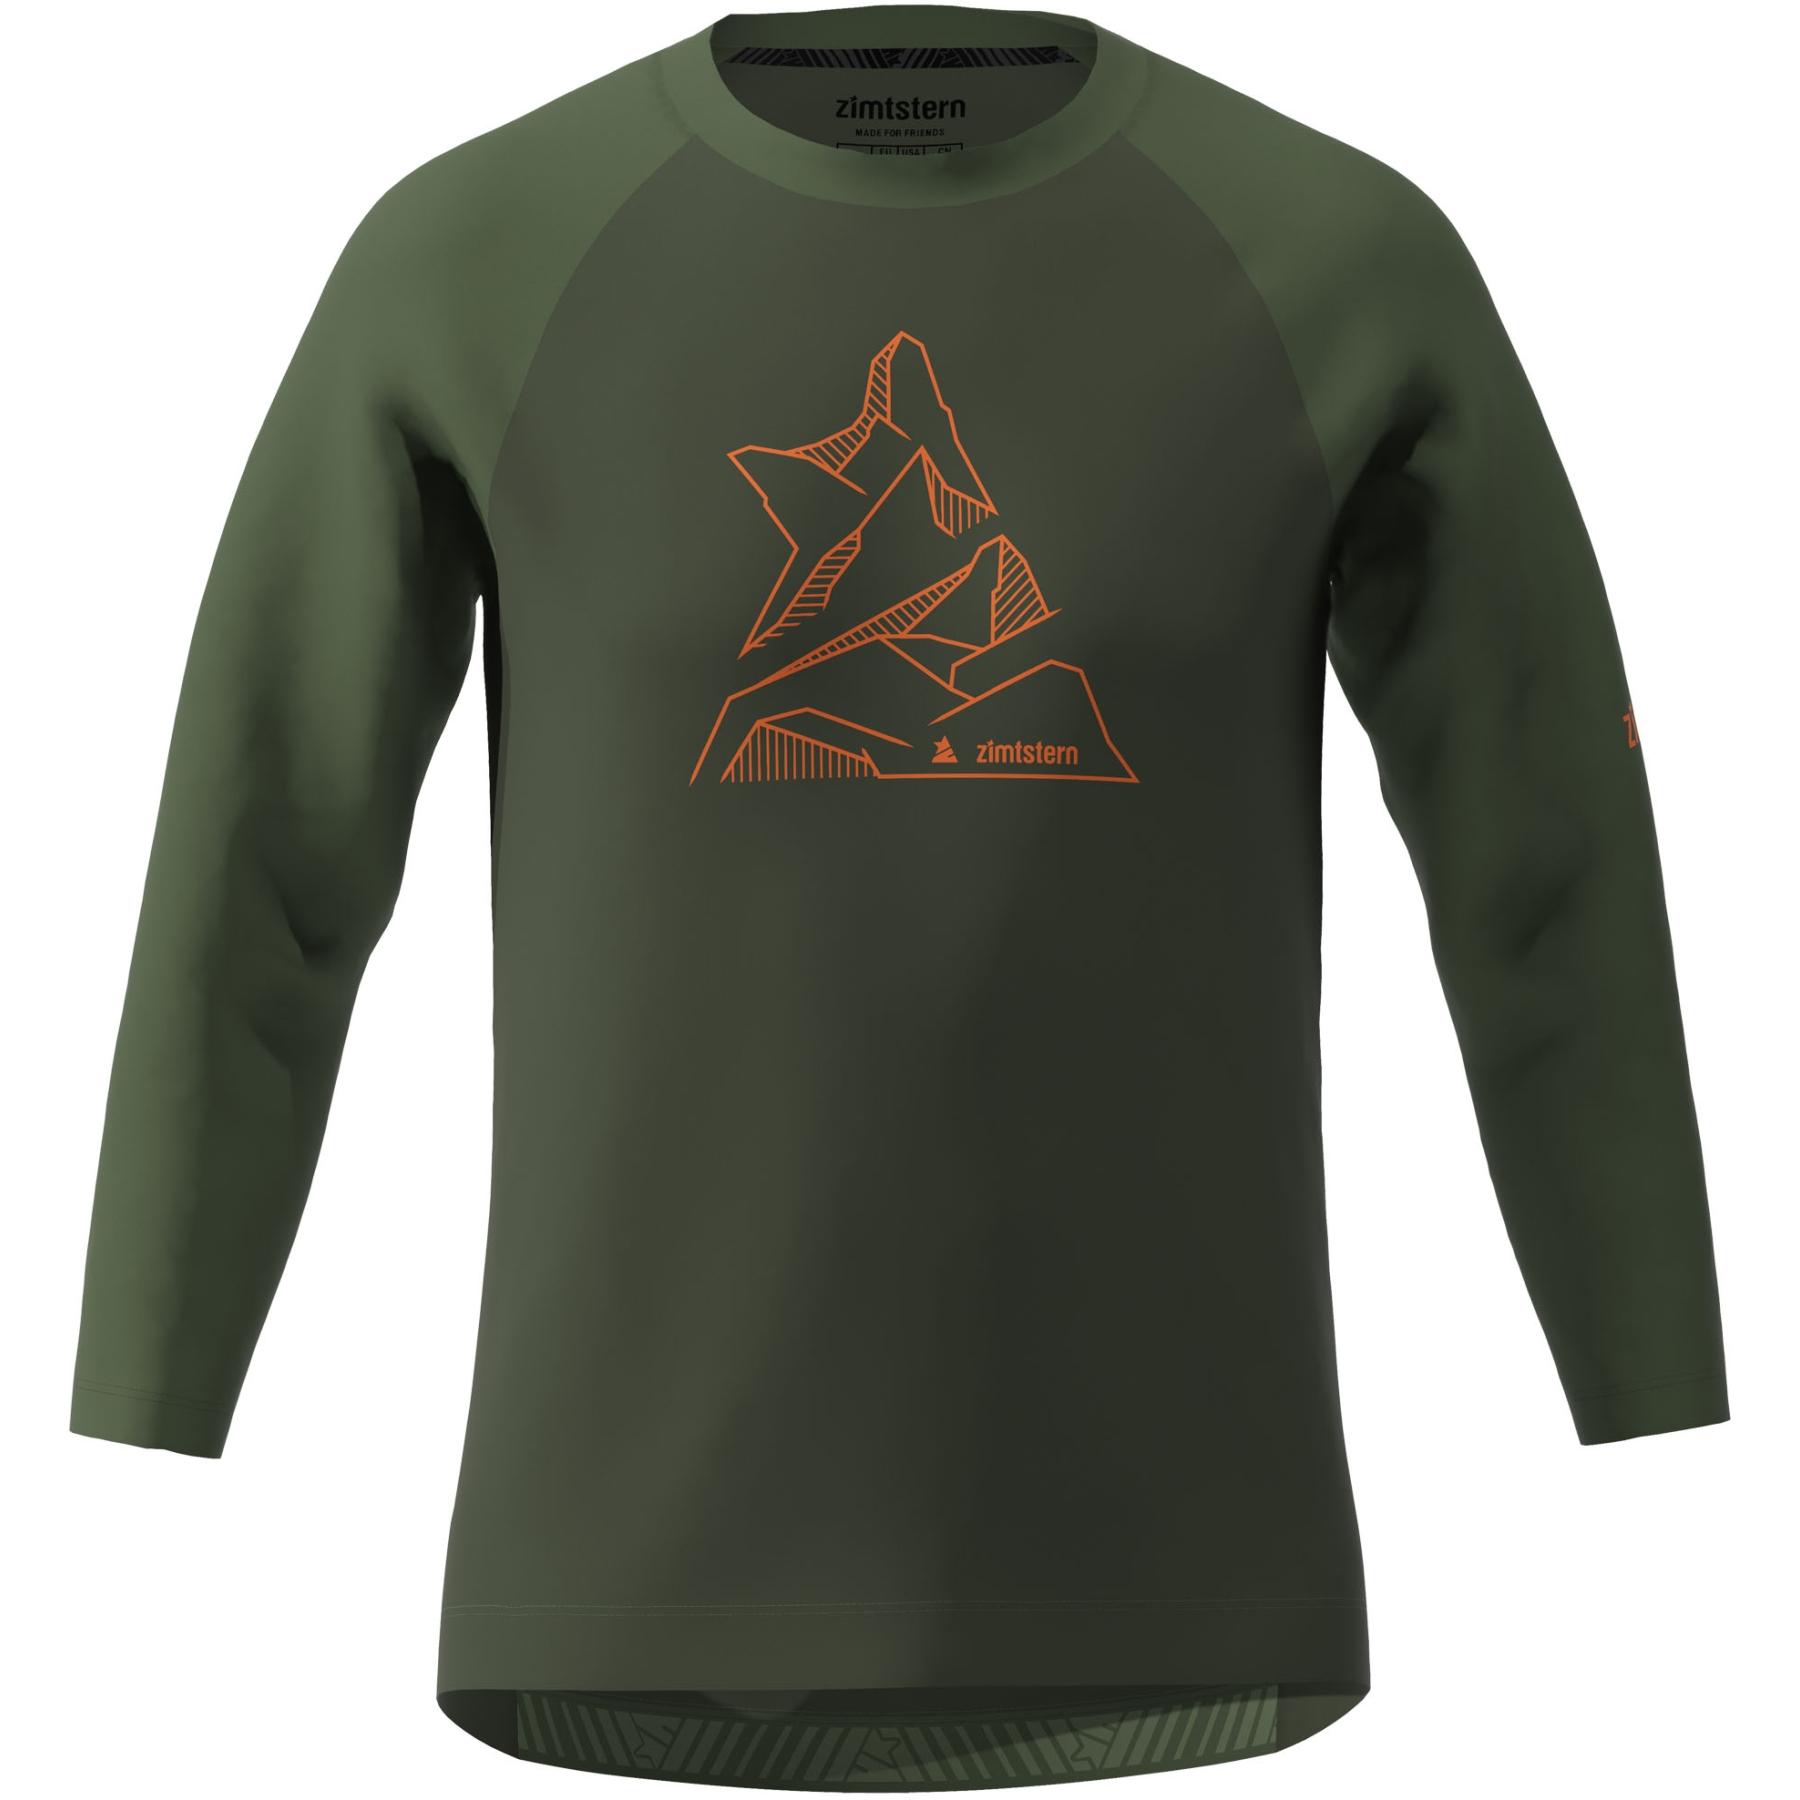 Bild von Zimtstern PureFlowz 3/4 Shirt - forest night/bronze green